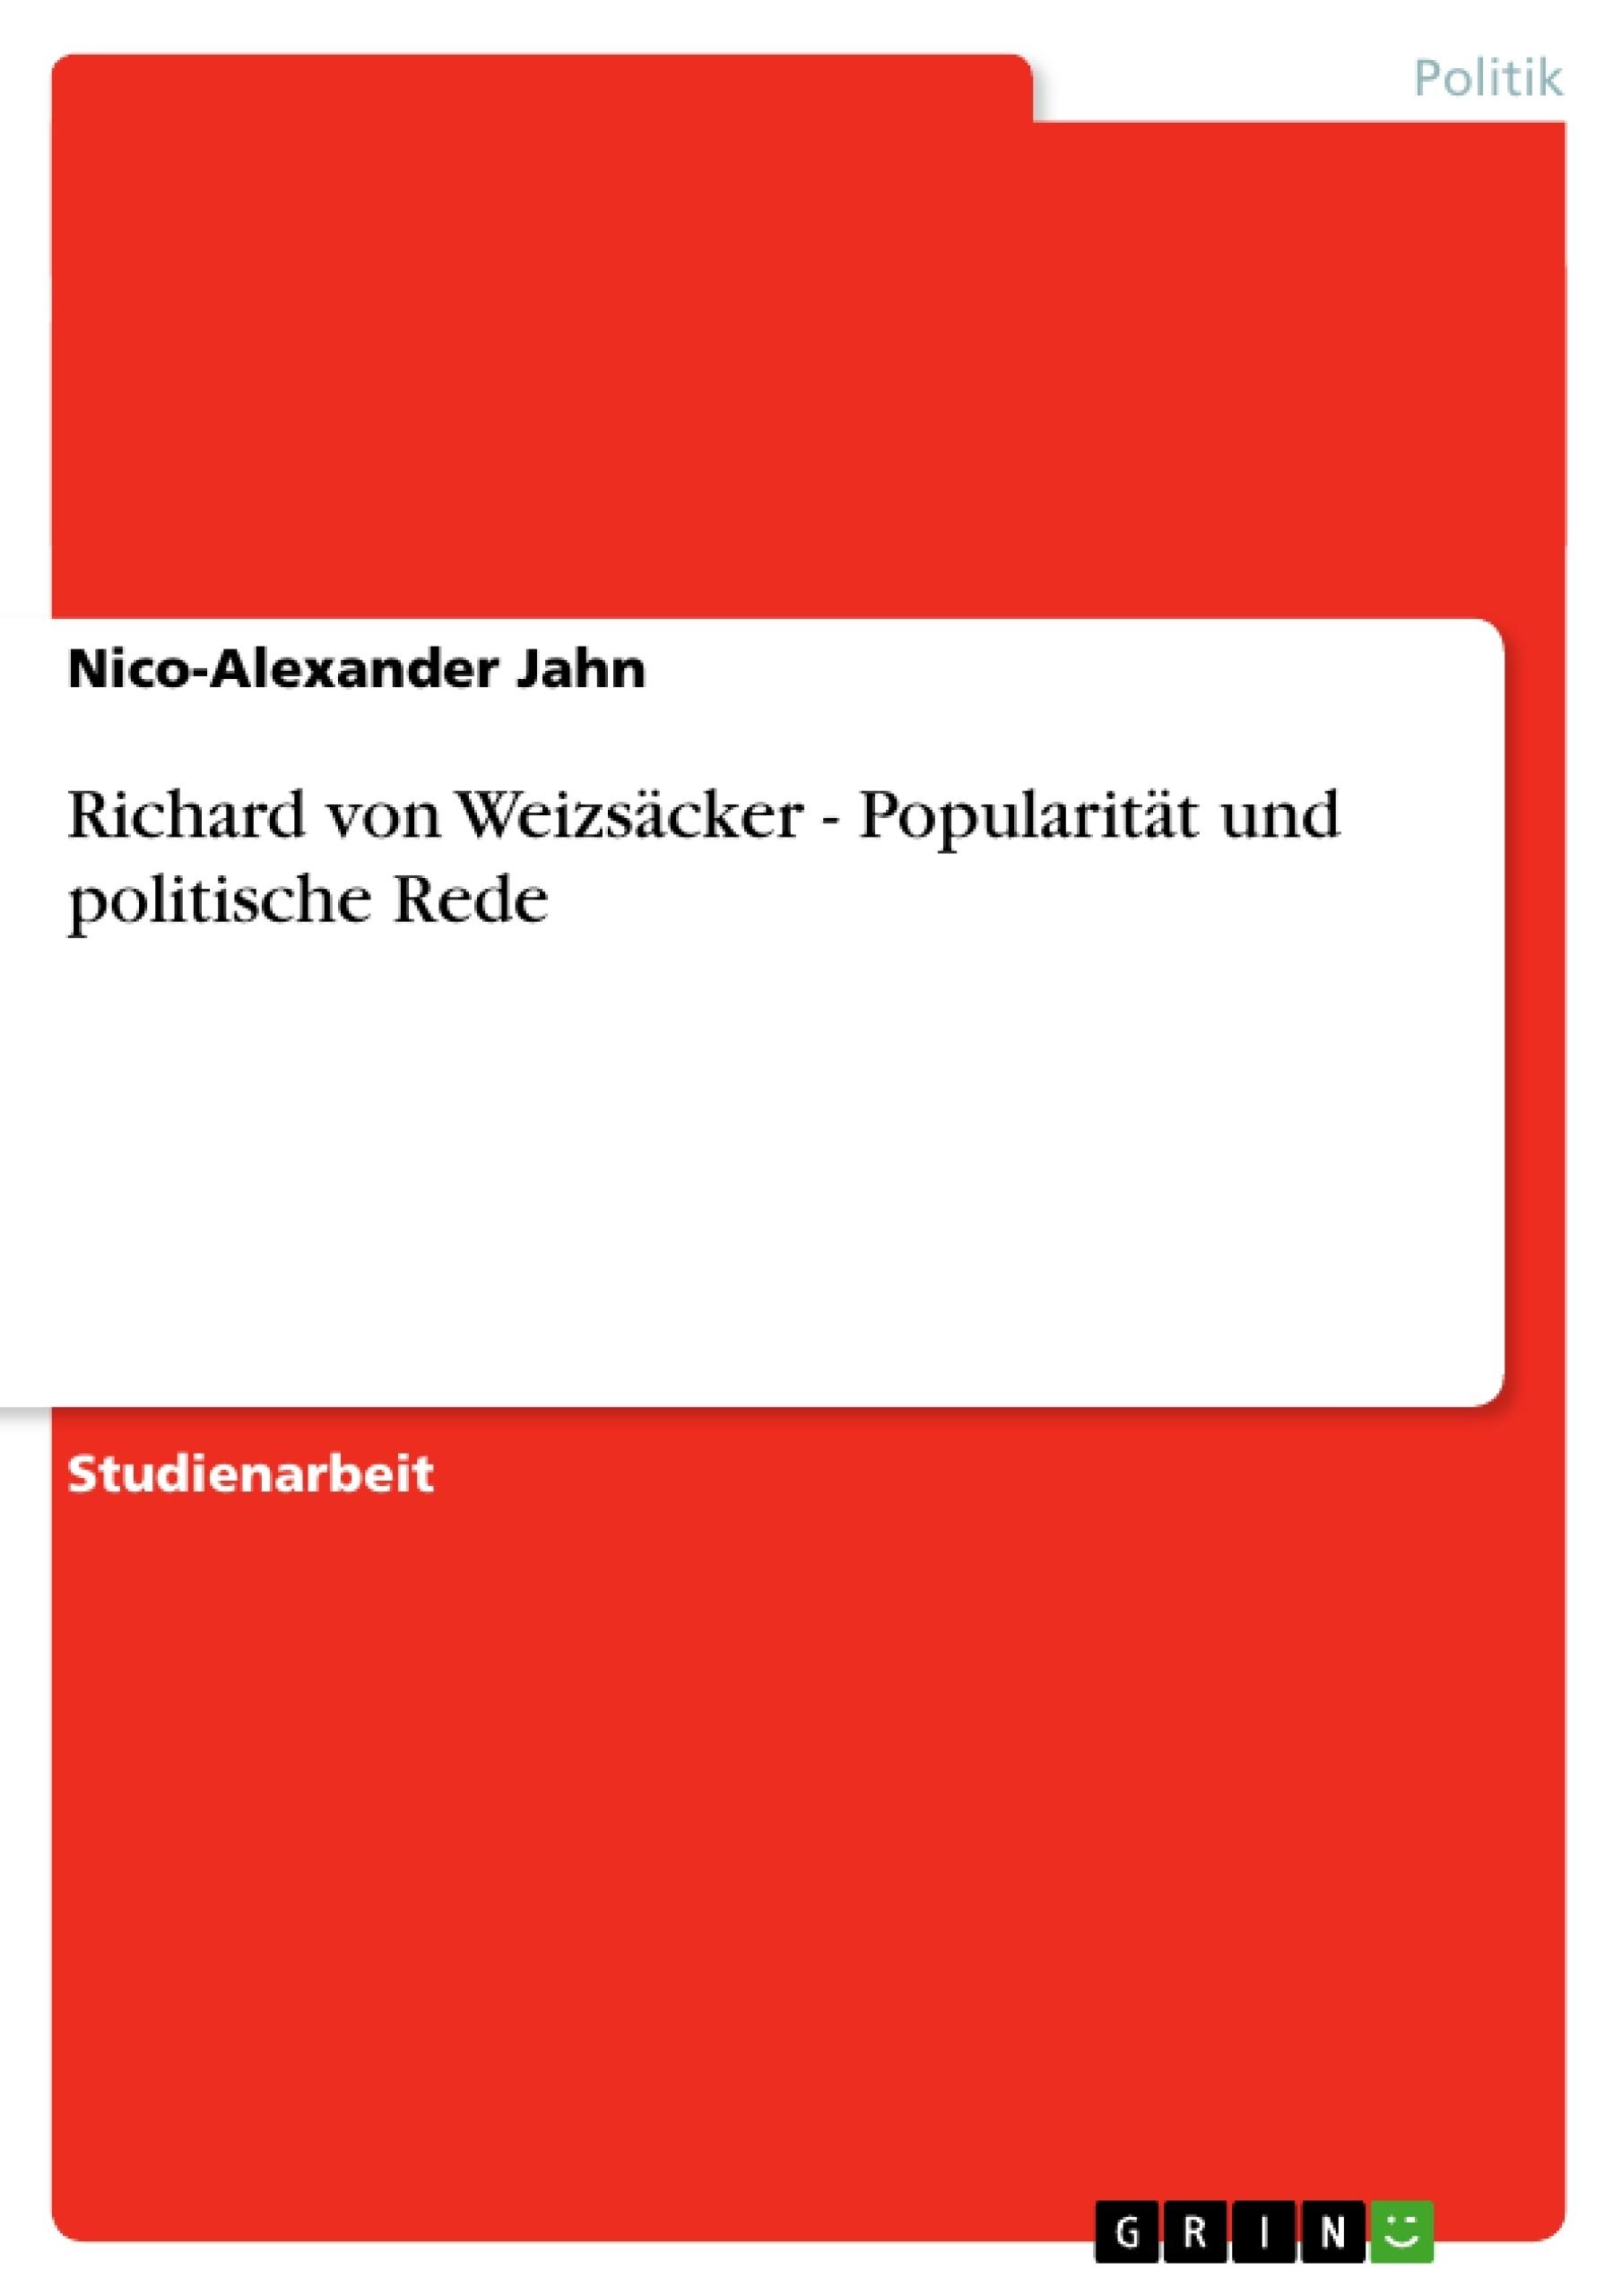 Titel: Richard von Weizsäcker - Popularität und politische Rede